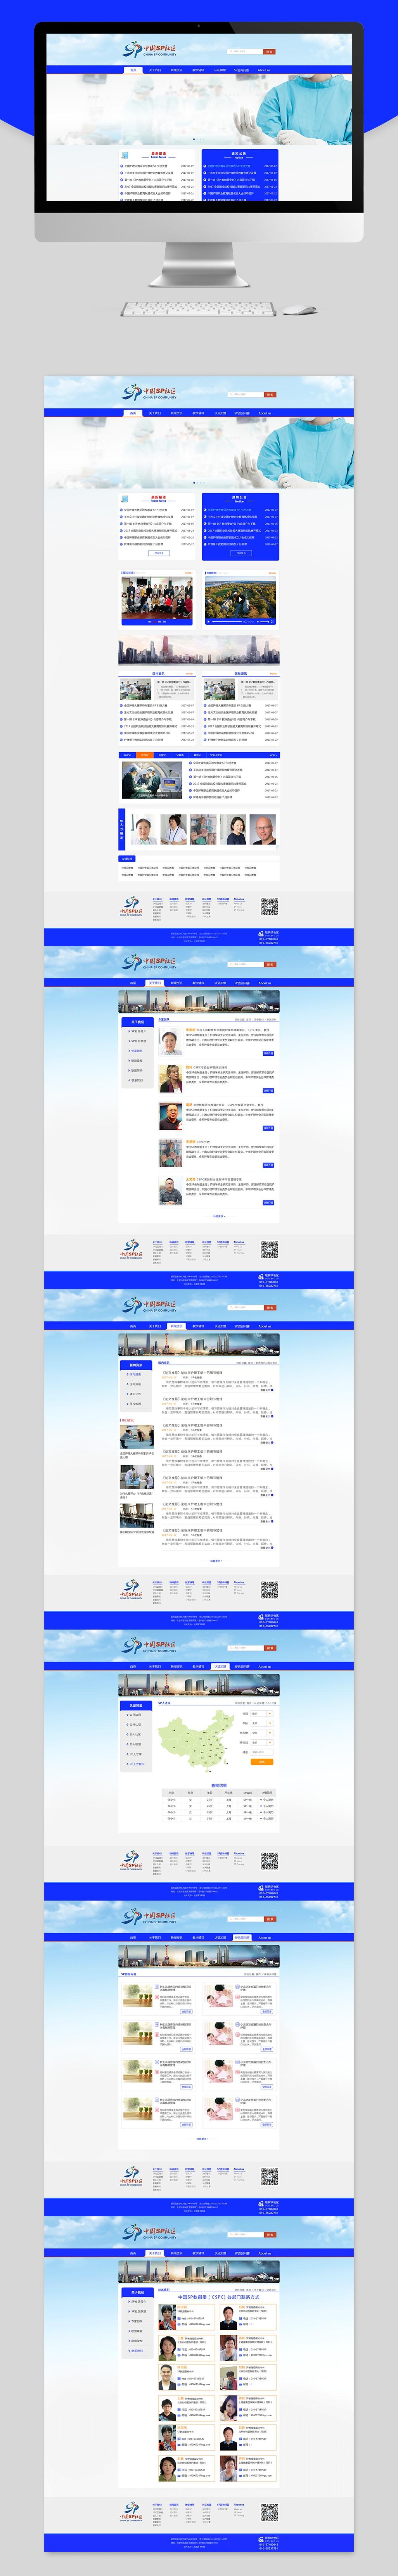 伯乐线上国际娱乐_中国科学院伯乐线上国际娱乐_中国科学院